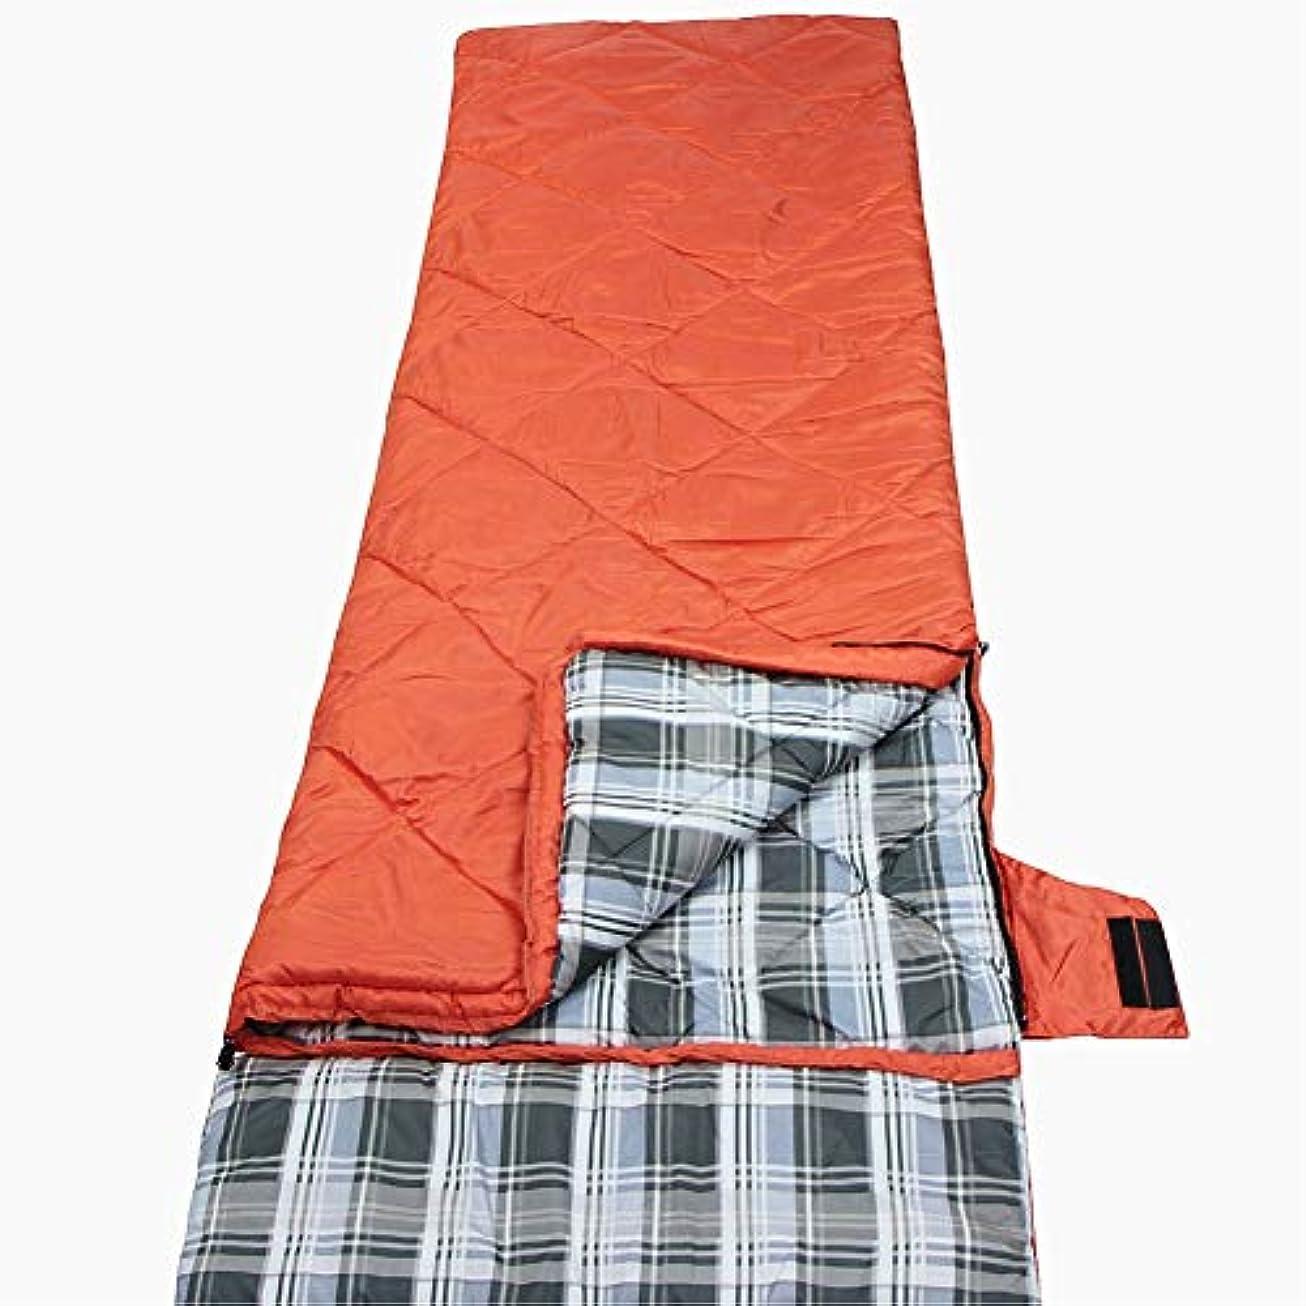 口述するグリーンバック兵隊NTK Hampton 20度軽量寝袋 大人用 | 封筒型キャンプ寝袋 ハイキング バックパッキング用 ミッドローウェザー | オックスフォードスタッフサック